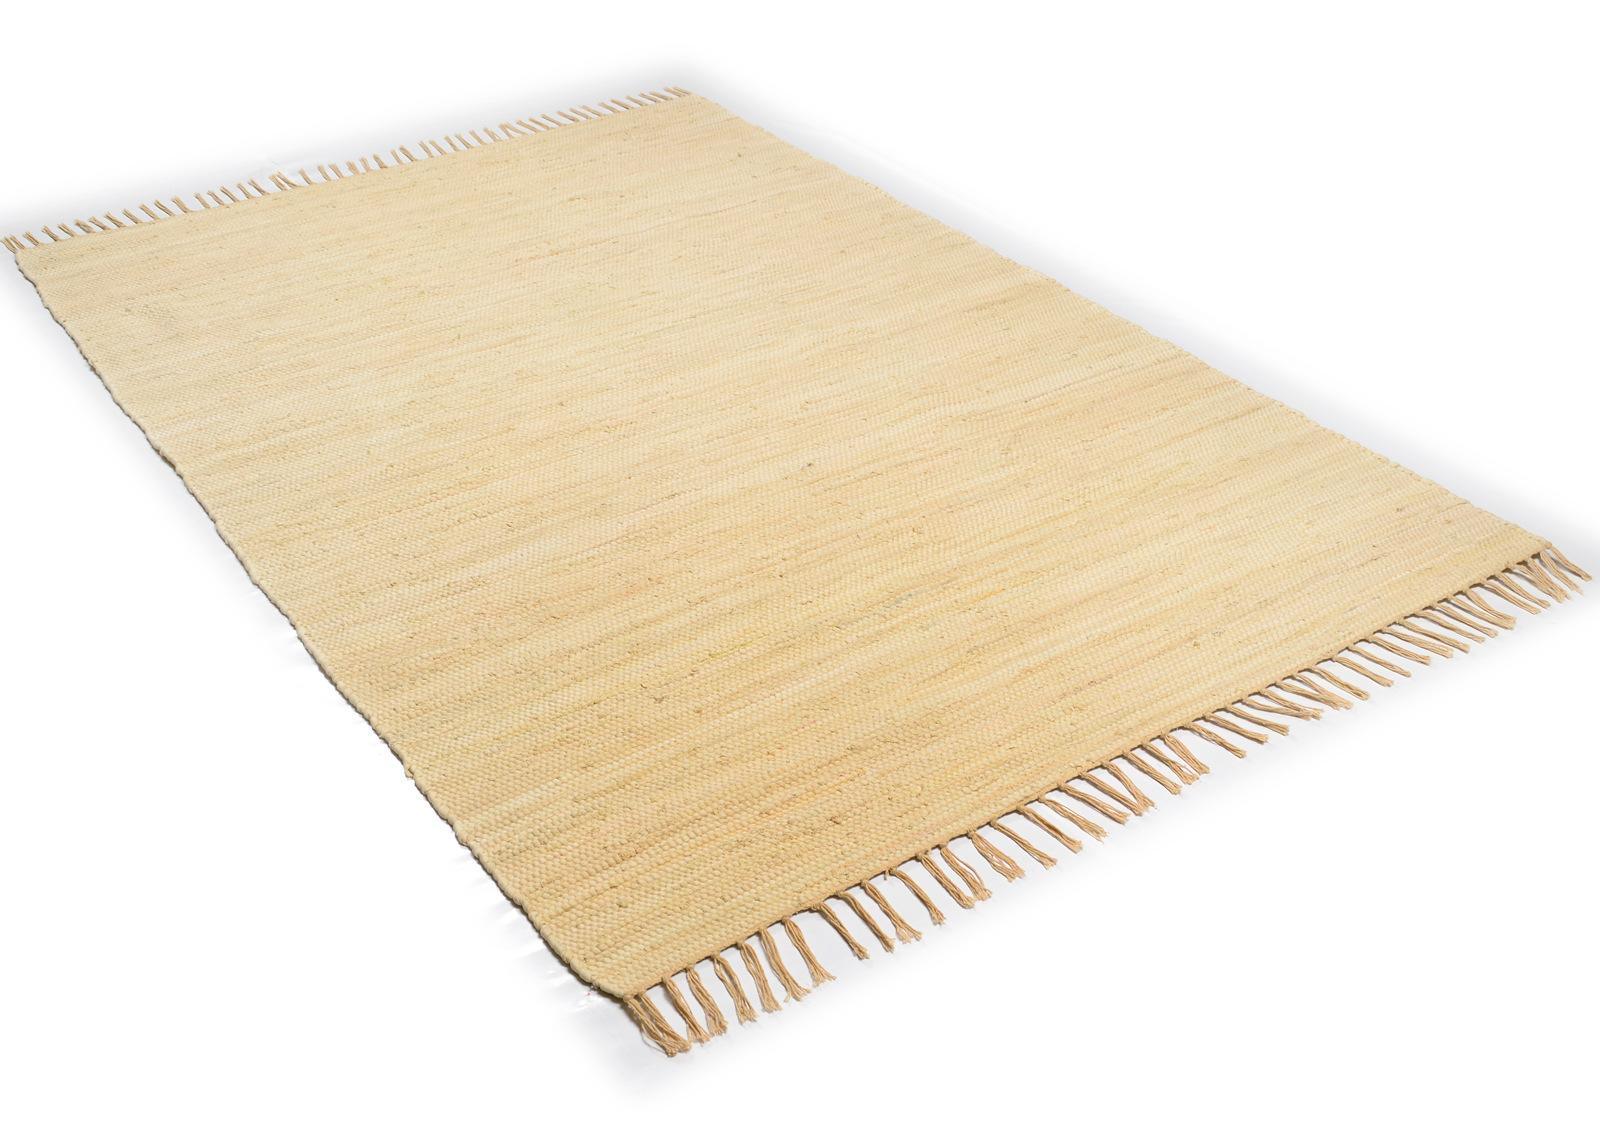 Matto Happy Cotton 60x120 cm